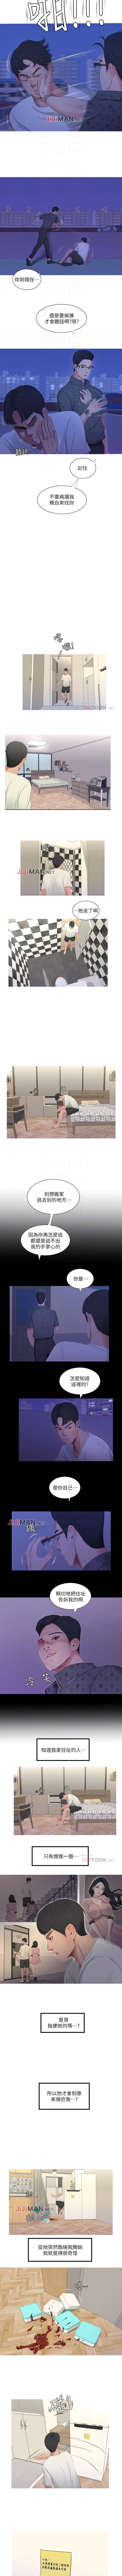 【周四连载】亲家四姐妹(作者:愛摸) 第1~37话 55